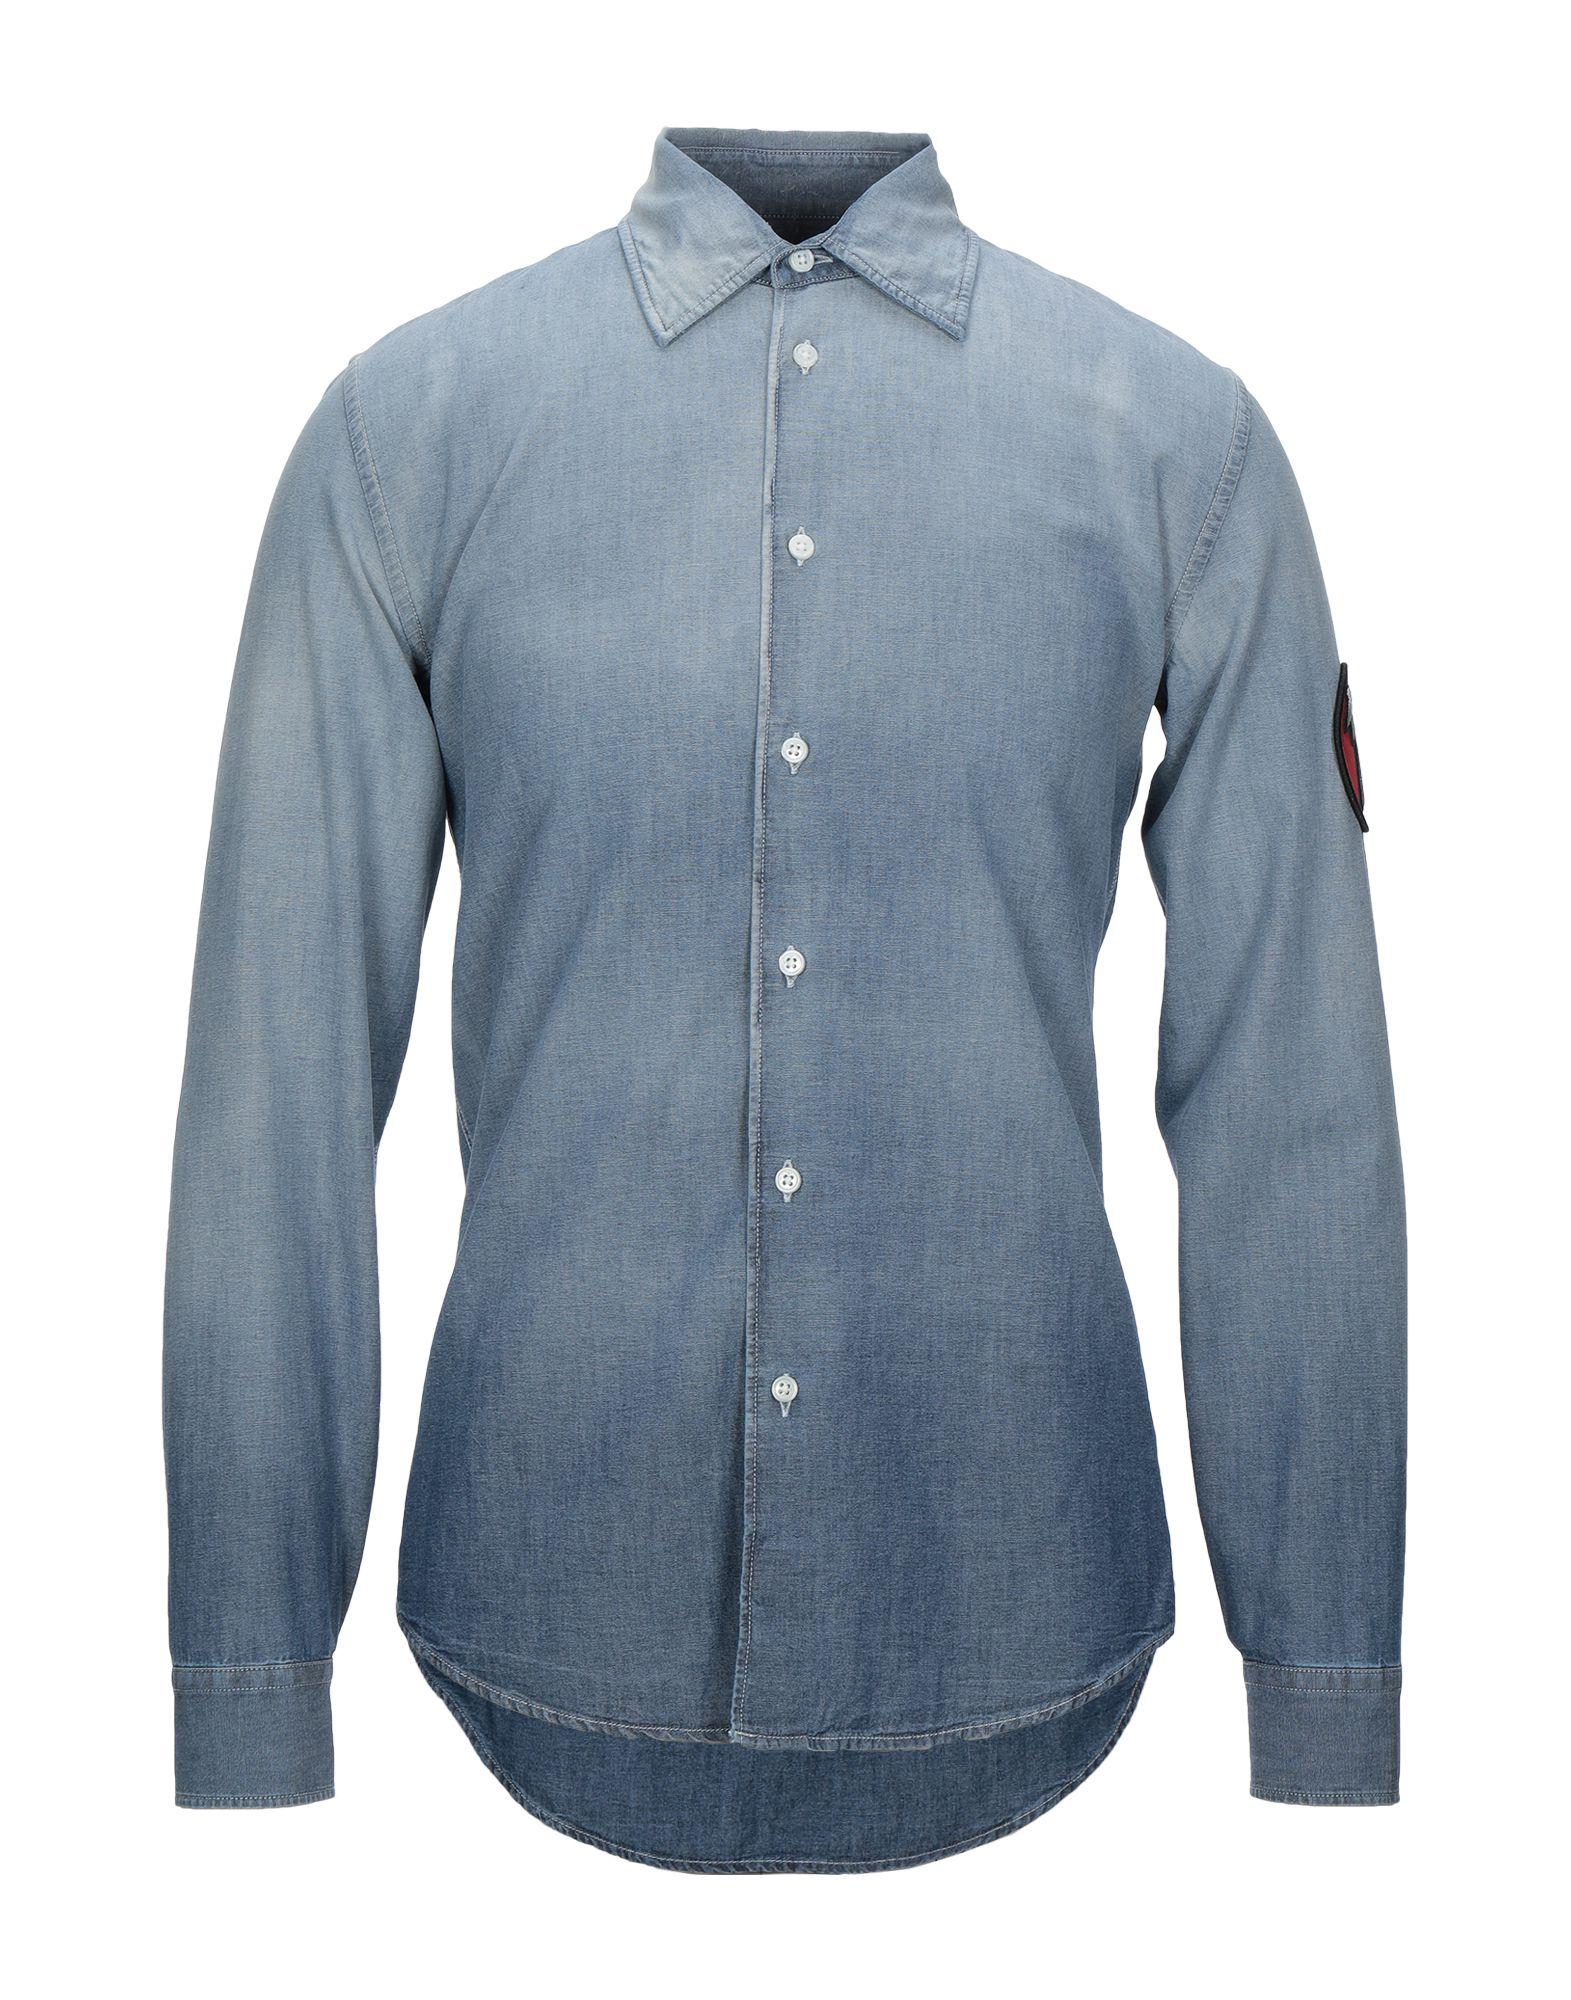 MARC JACOBS Джинсовая рубашка